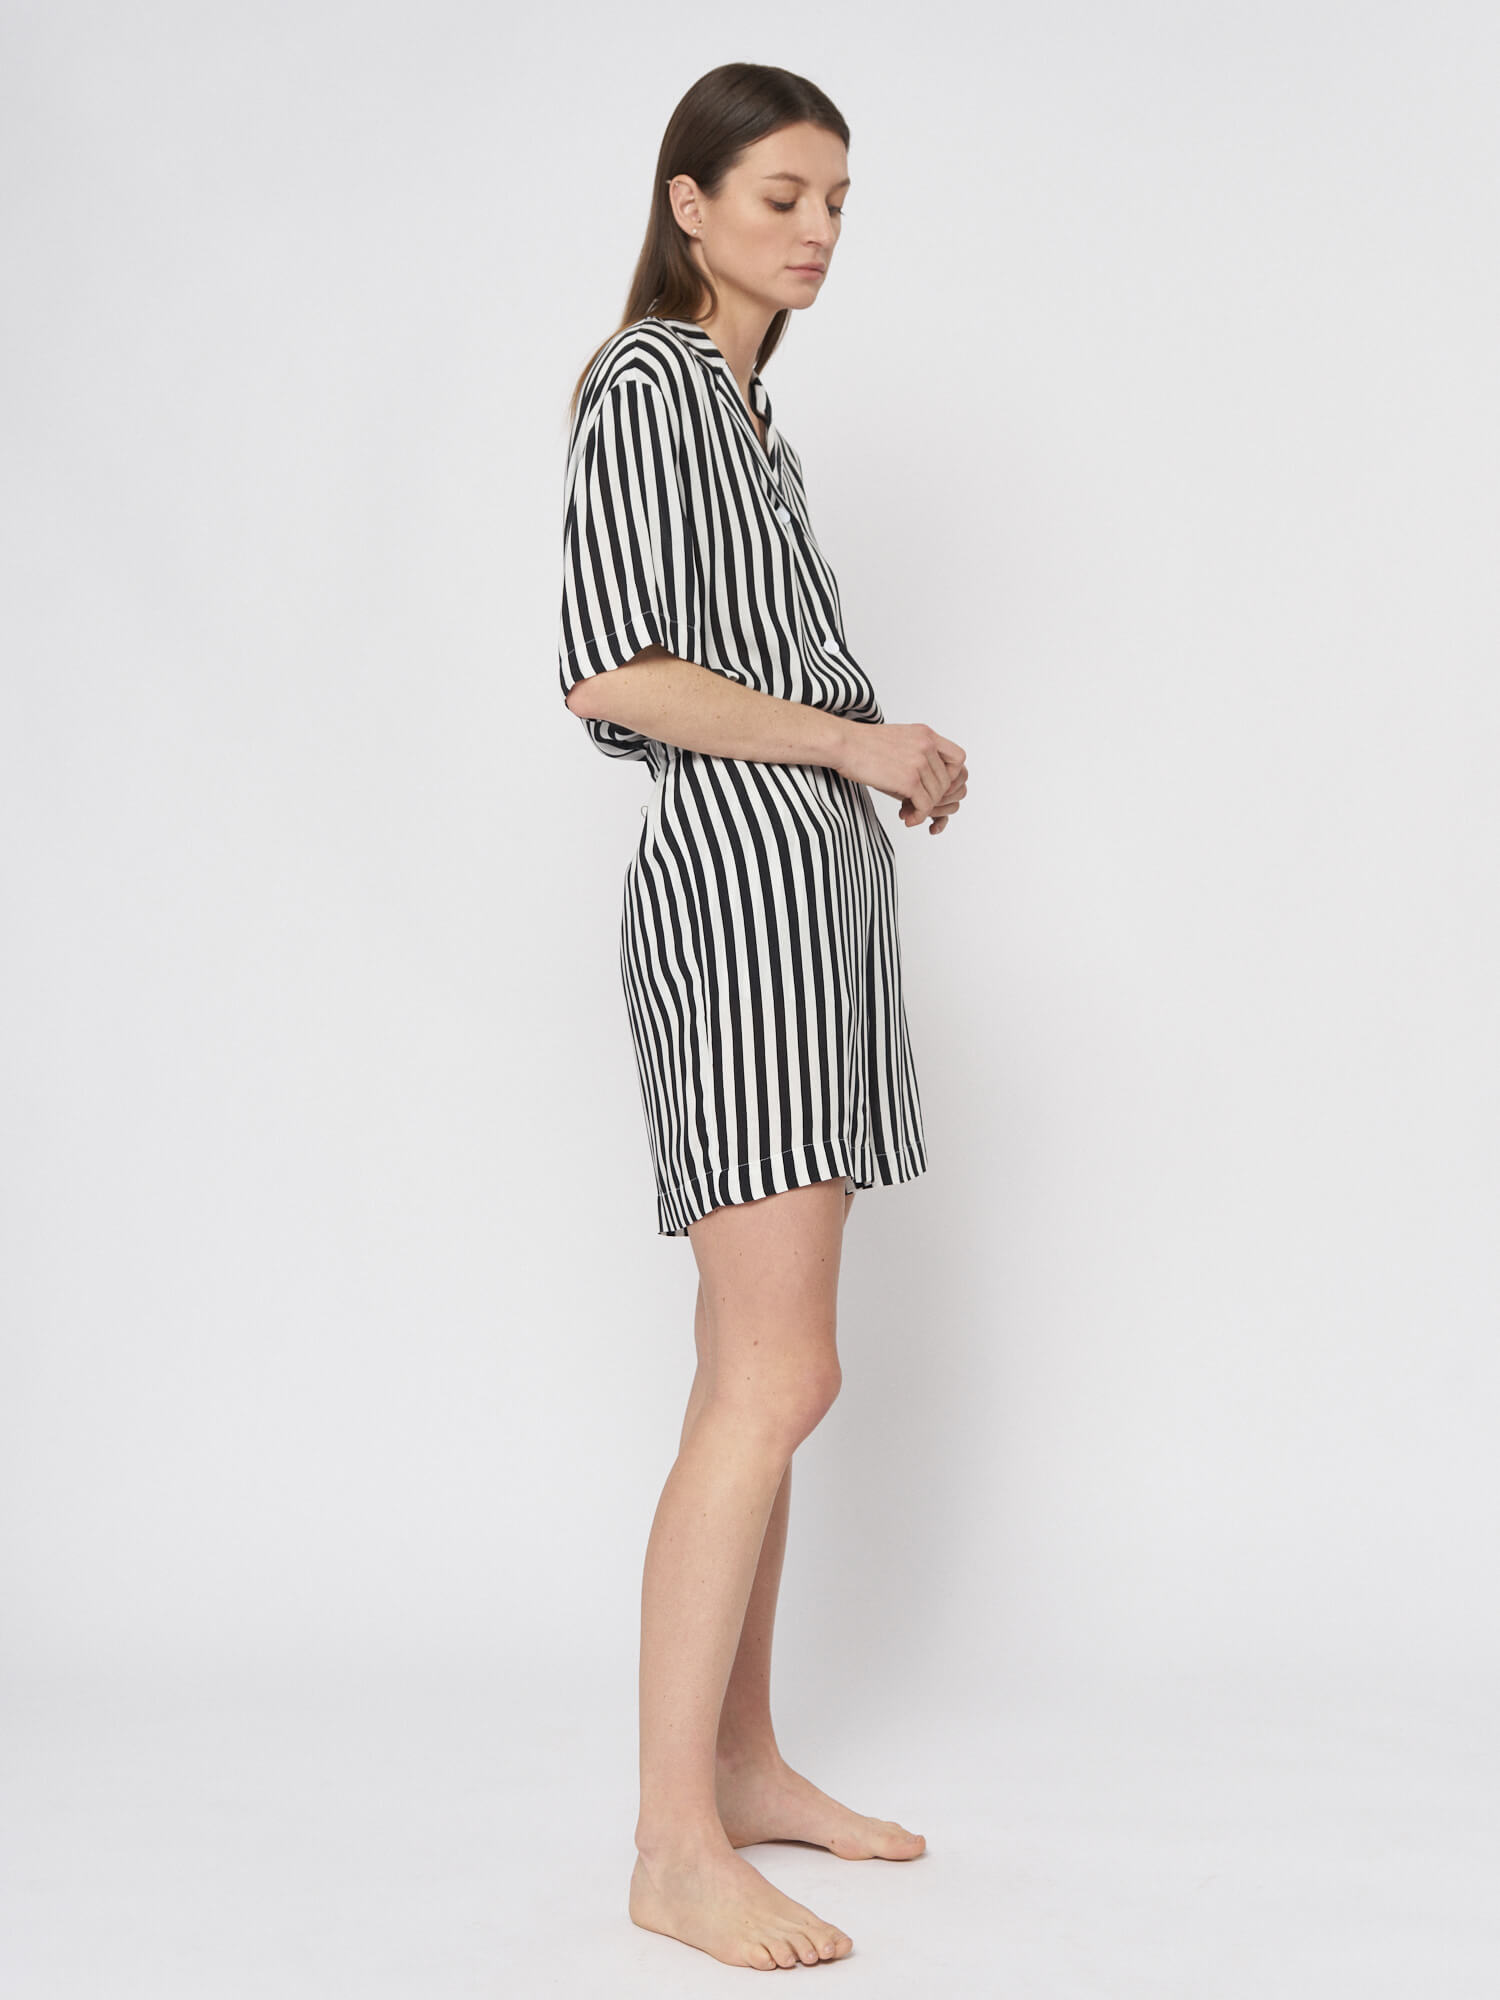 Мини–шорты в полоску Lexi в пижамном стиле, Черный